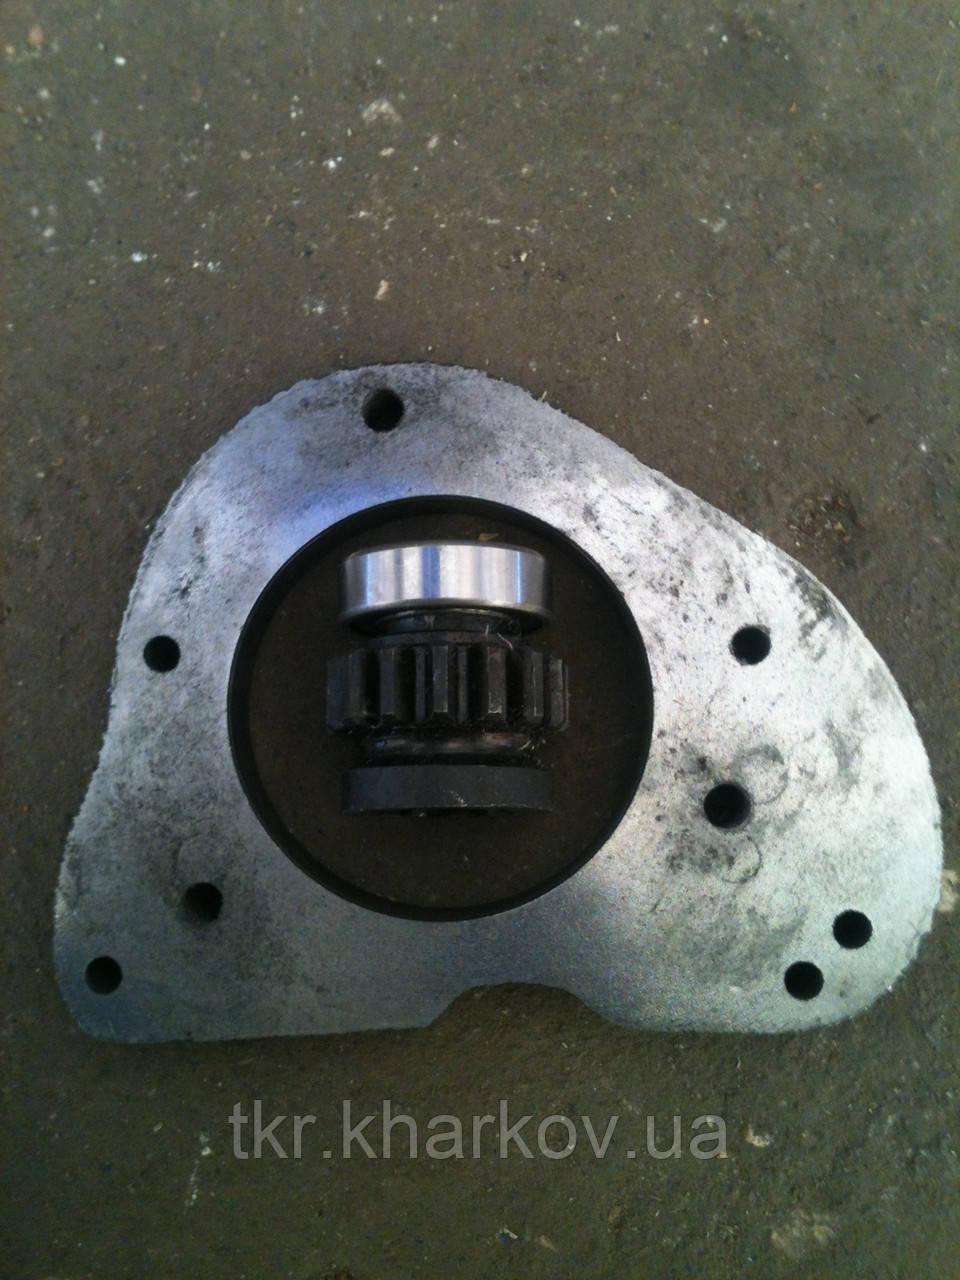 Комплект переоборудования ( плита,шестерня ) для ЮМЗ, МТЗ, Комбайн Нива, Д-65, Д-240, СМД-14-18-22-23